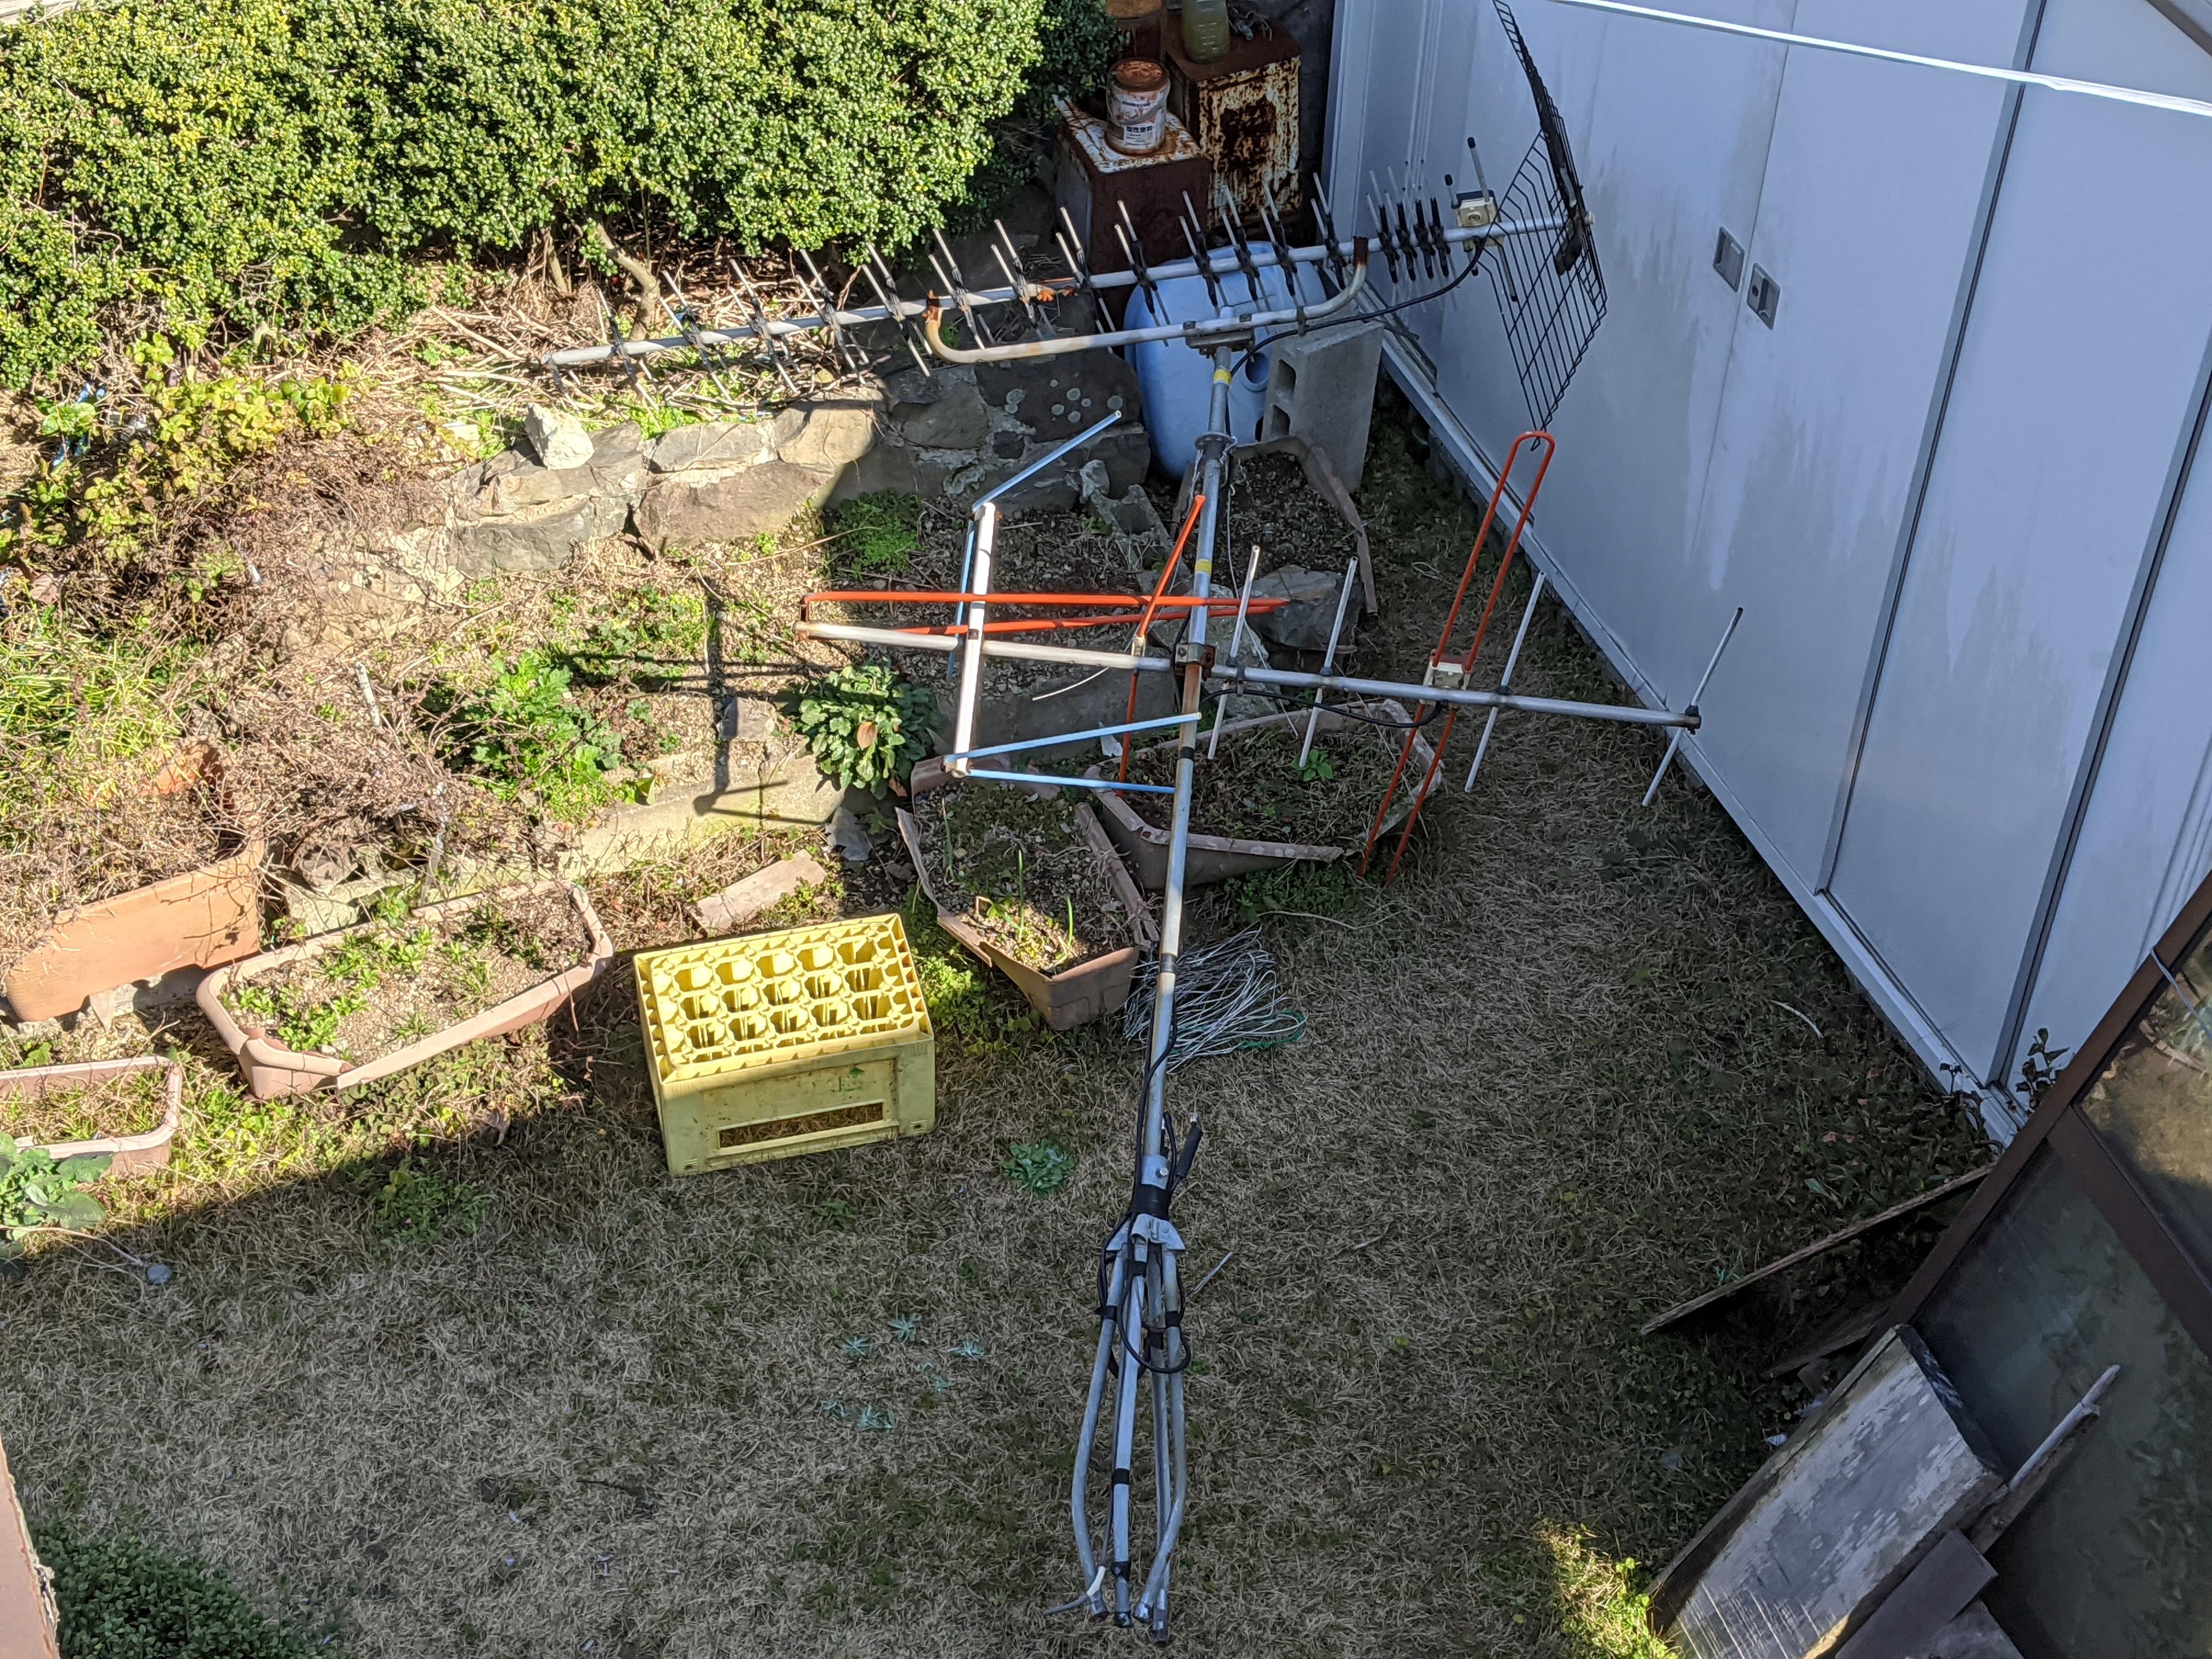 屋根上のアンテナの支線ワイヤーが切れて倒壊